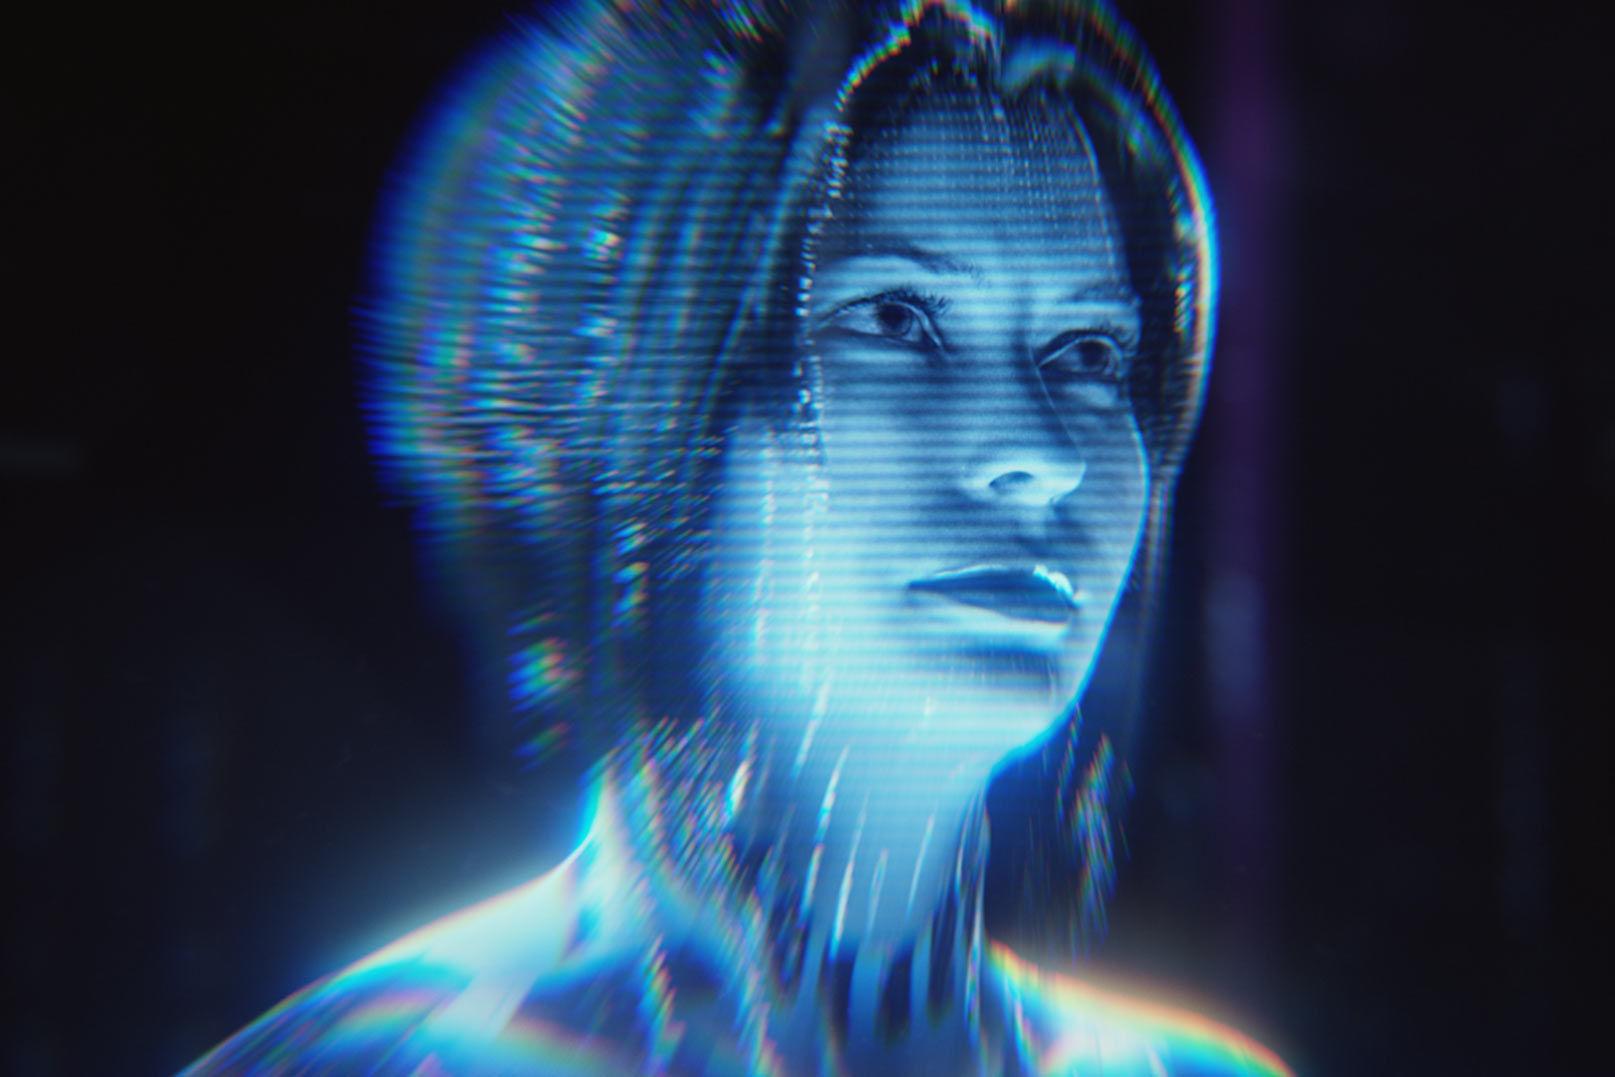 ¿Quién es Cortana?